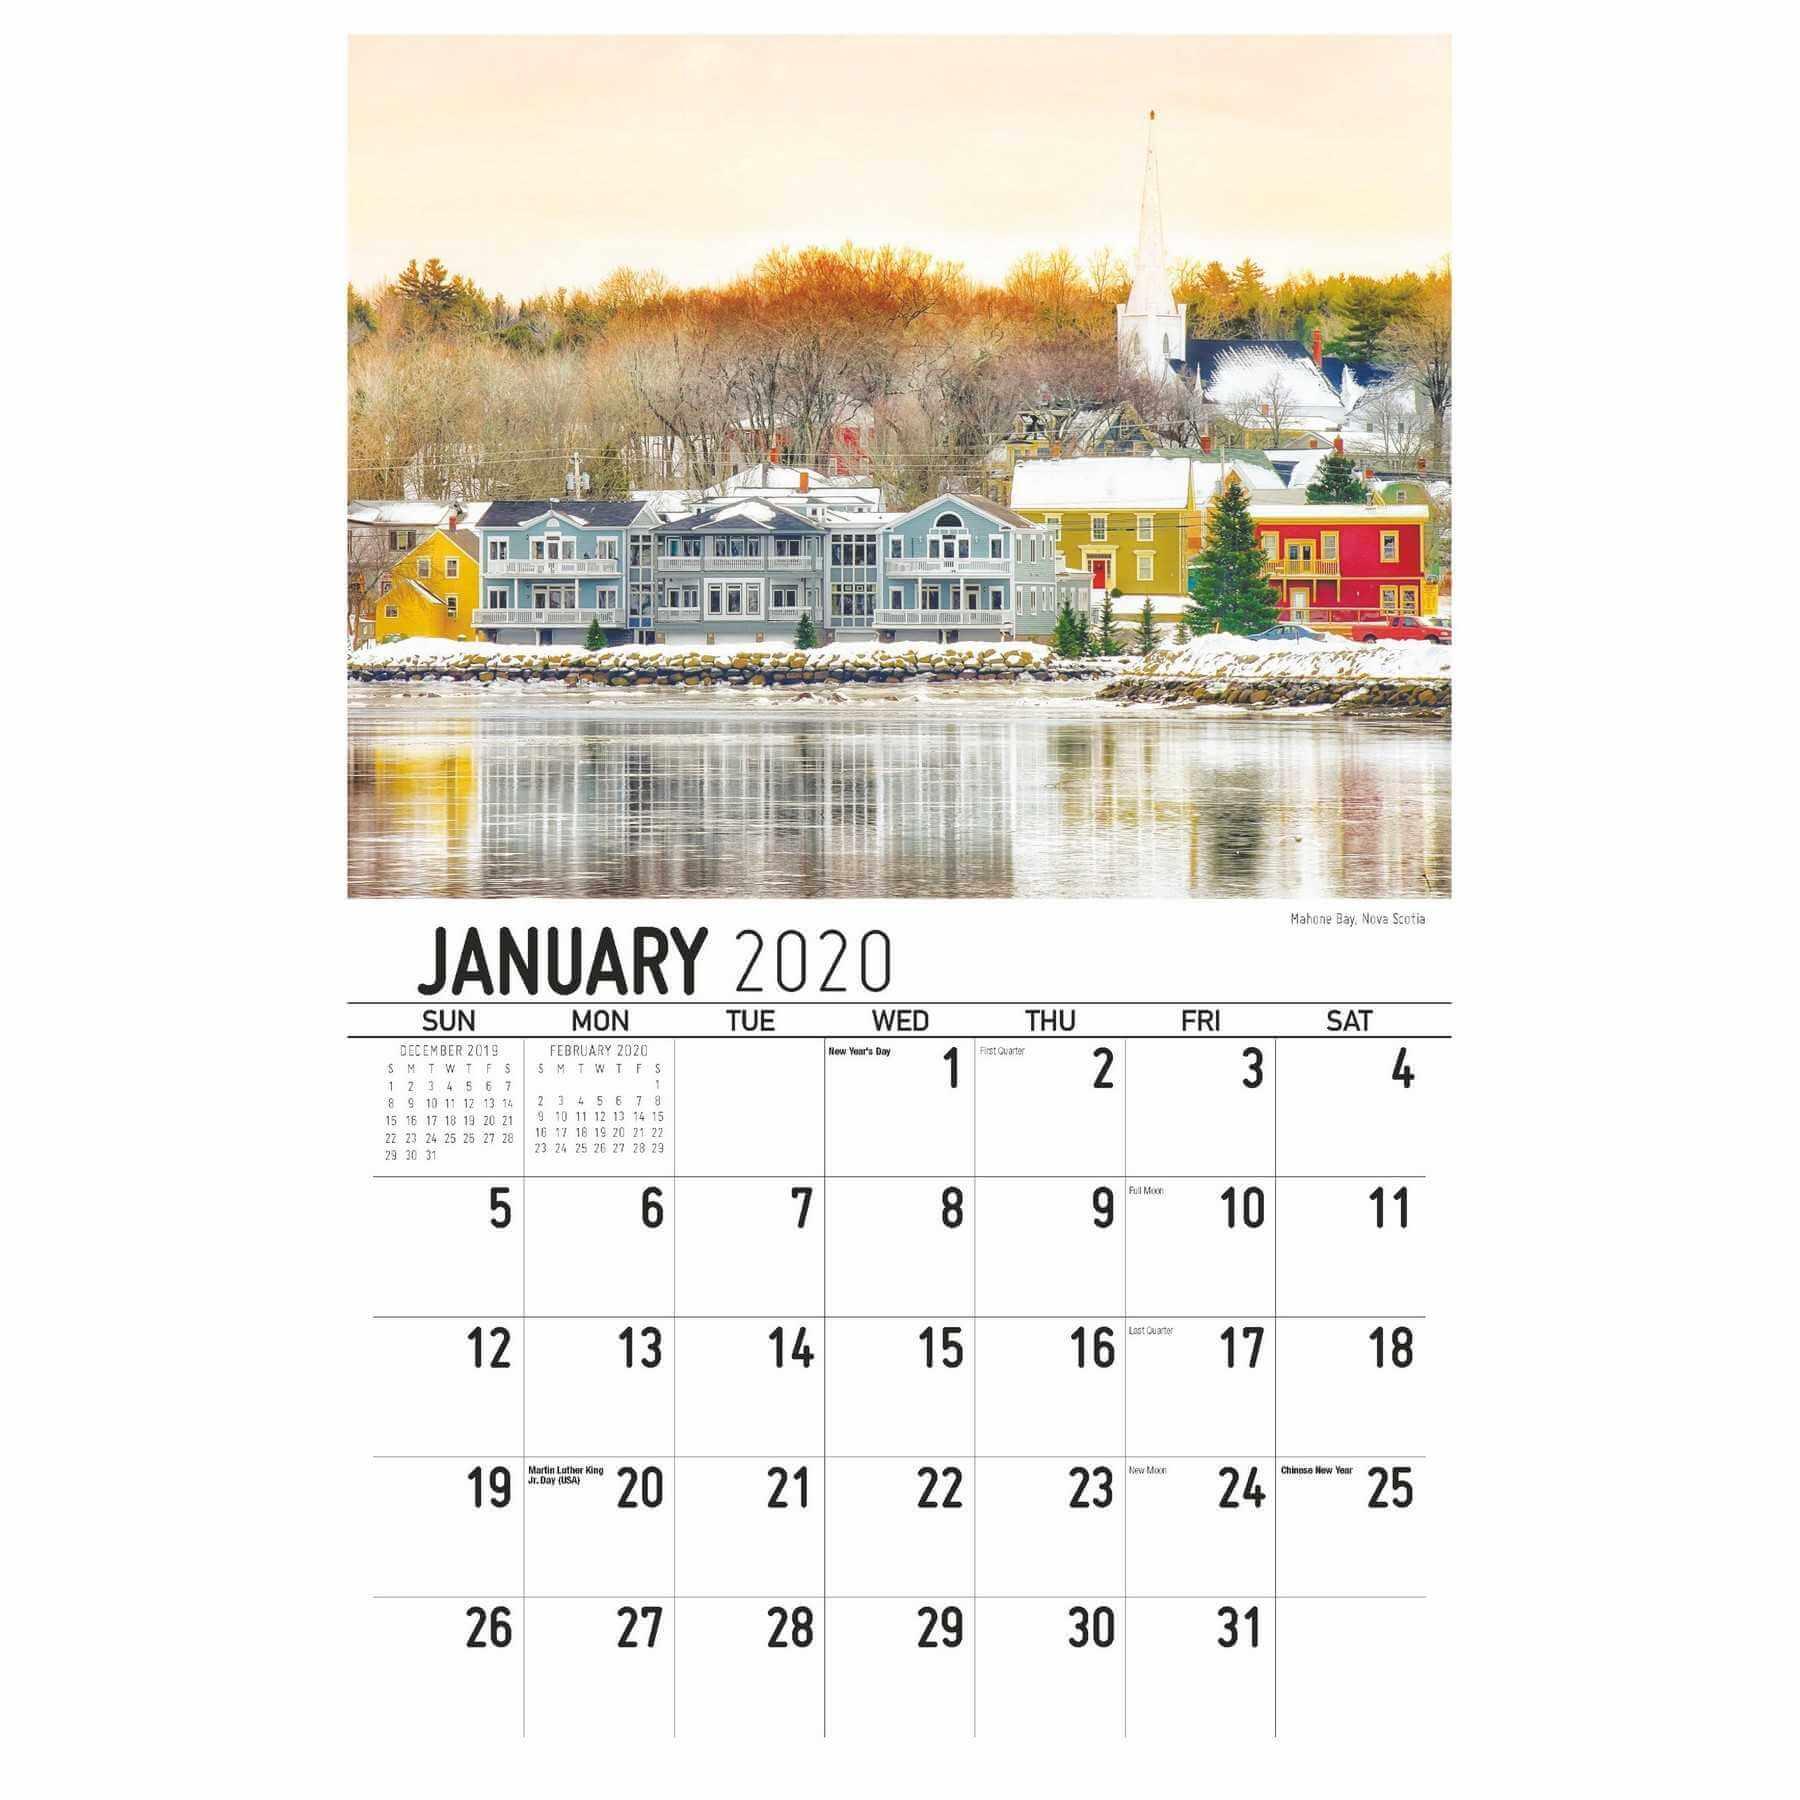 Galleria Wall Calendar 2020 Scenes Of Atlantic Canada